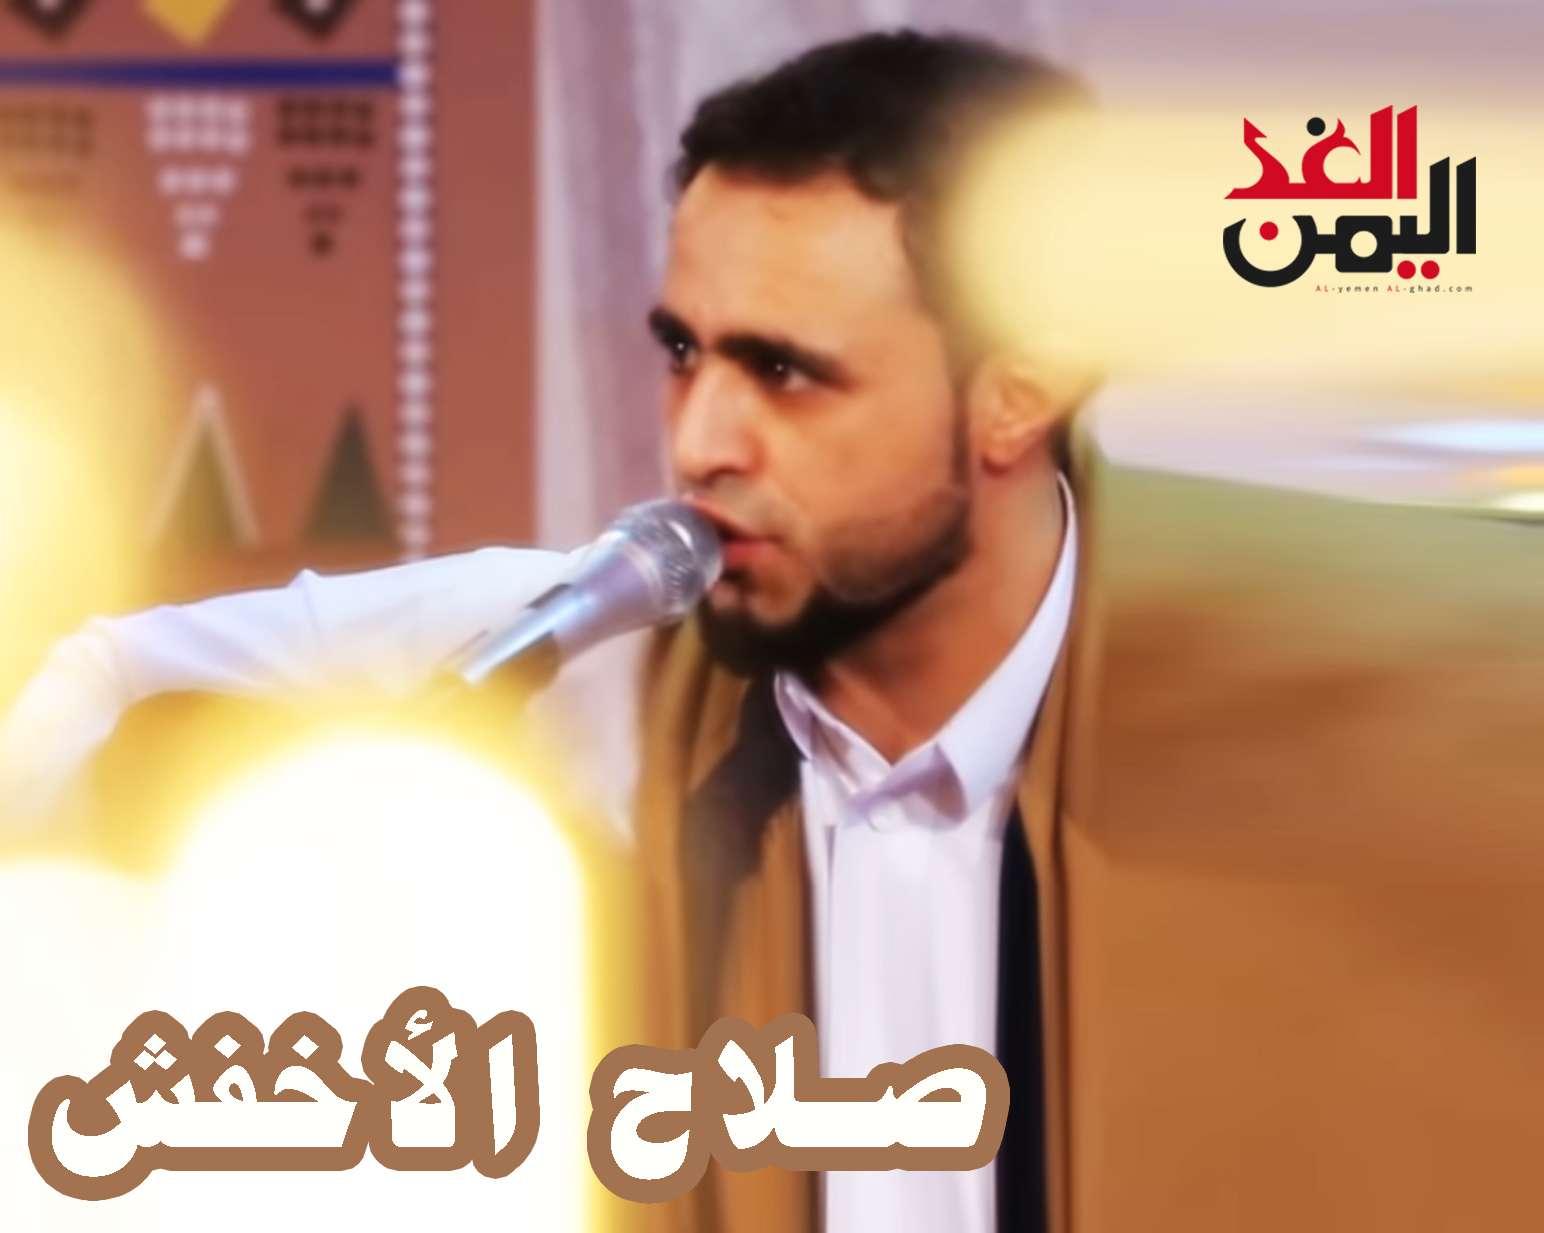 صلاح الأخفش يمنع من حفل غنائي في السعودية